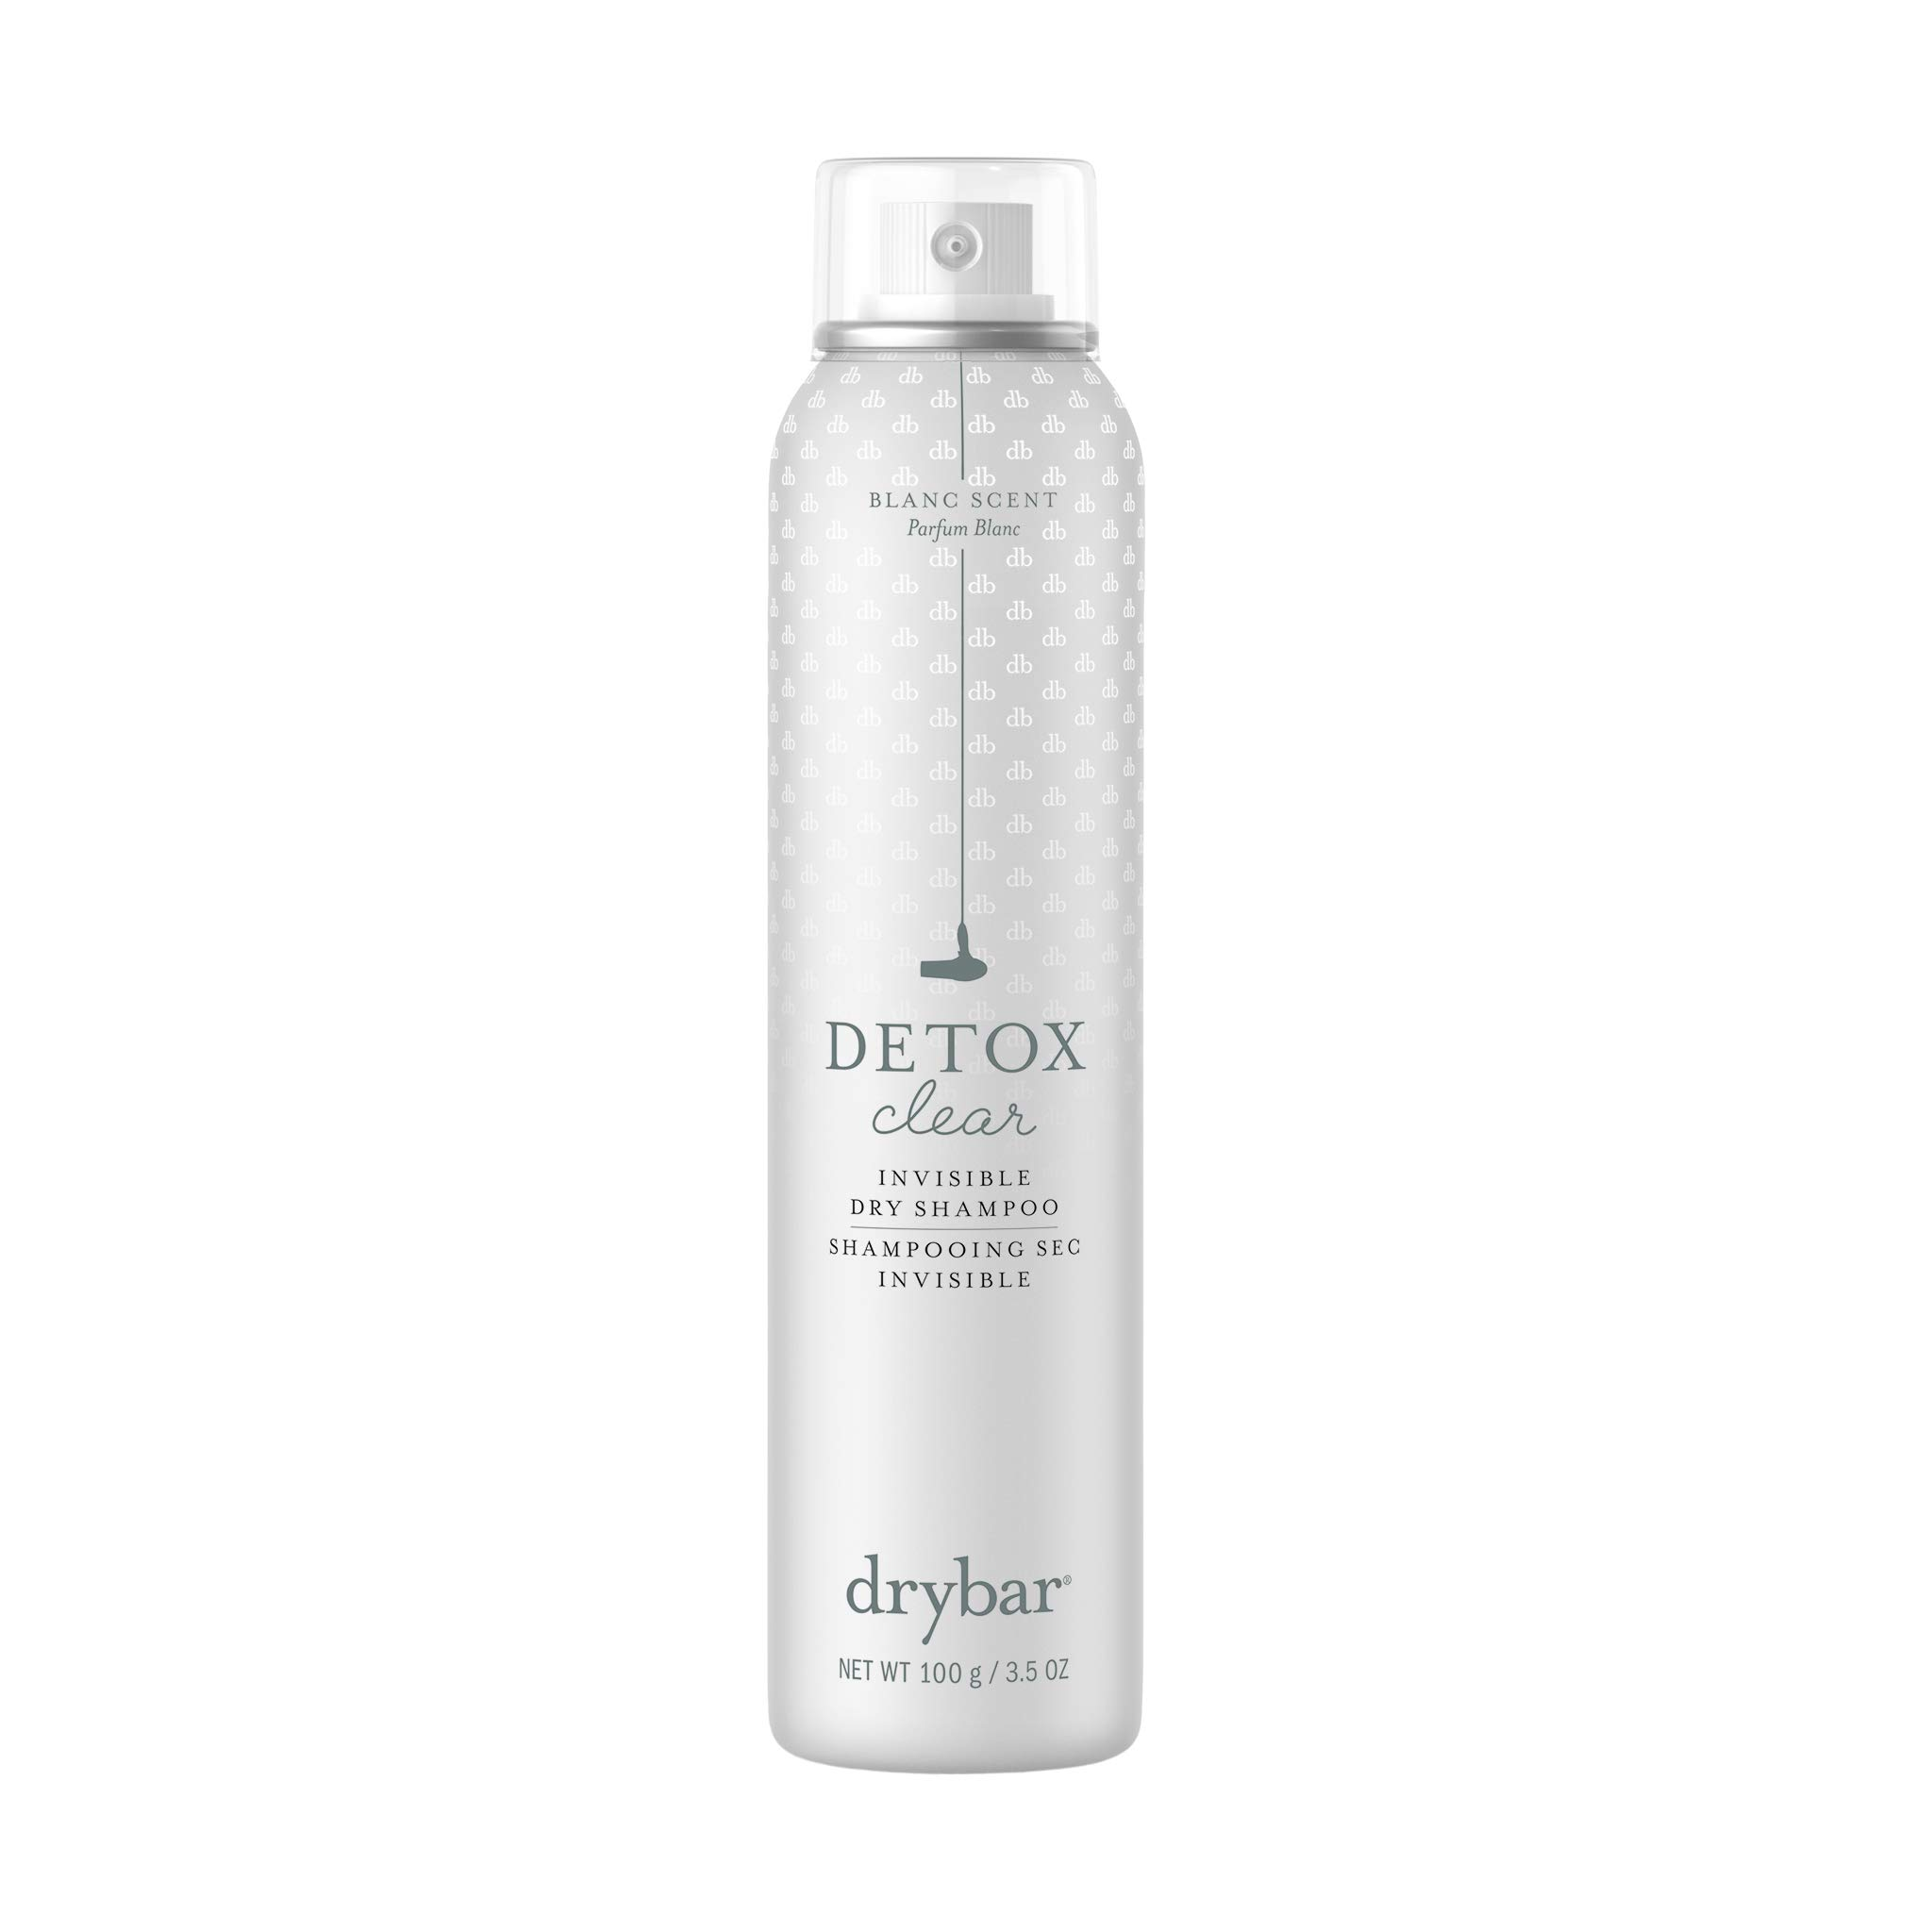 Drybar Detox Clear Invisible Dry Shampoo 3.5 Ounces by Drybar